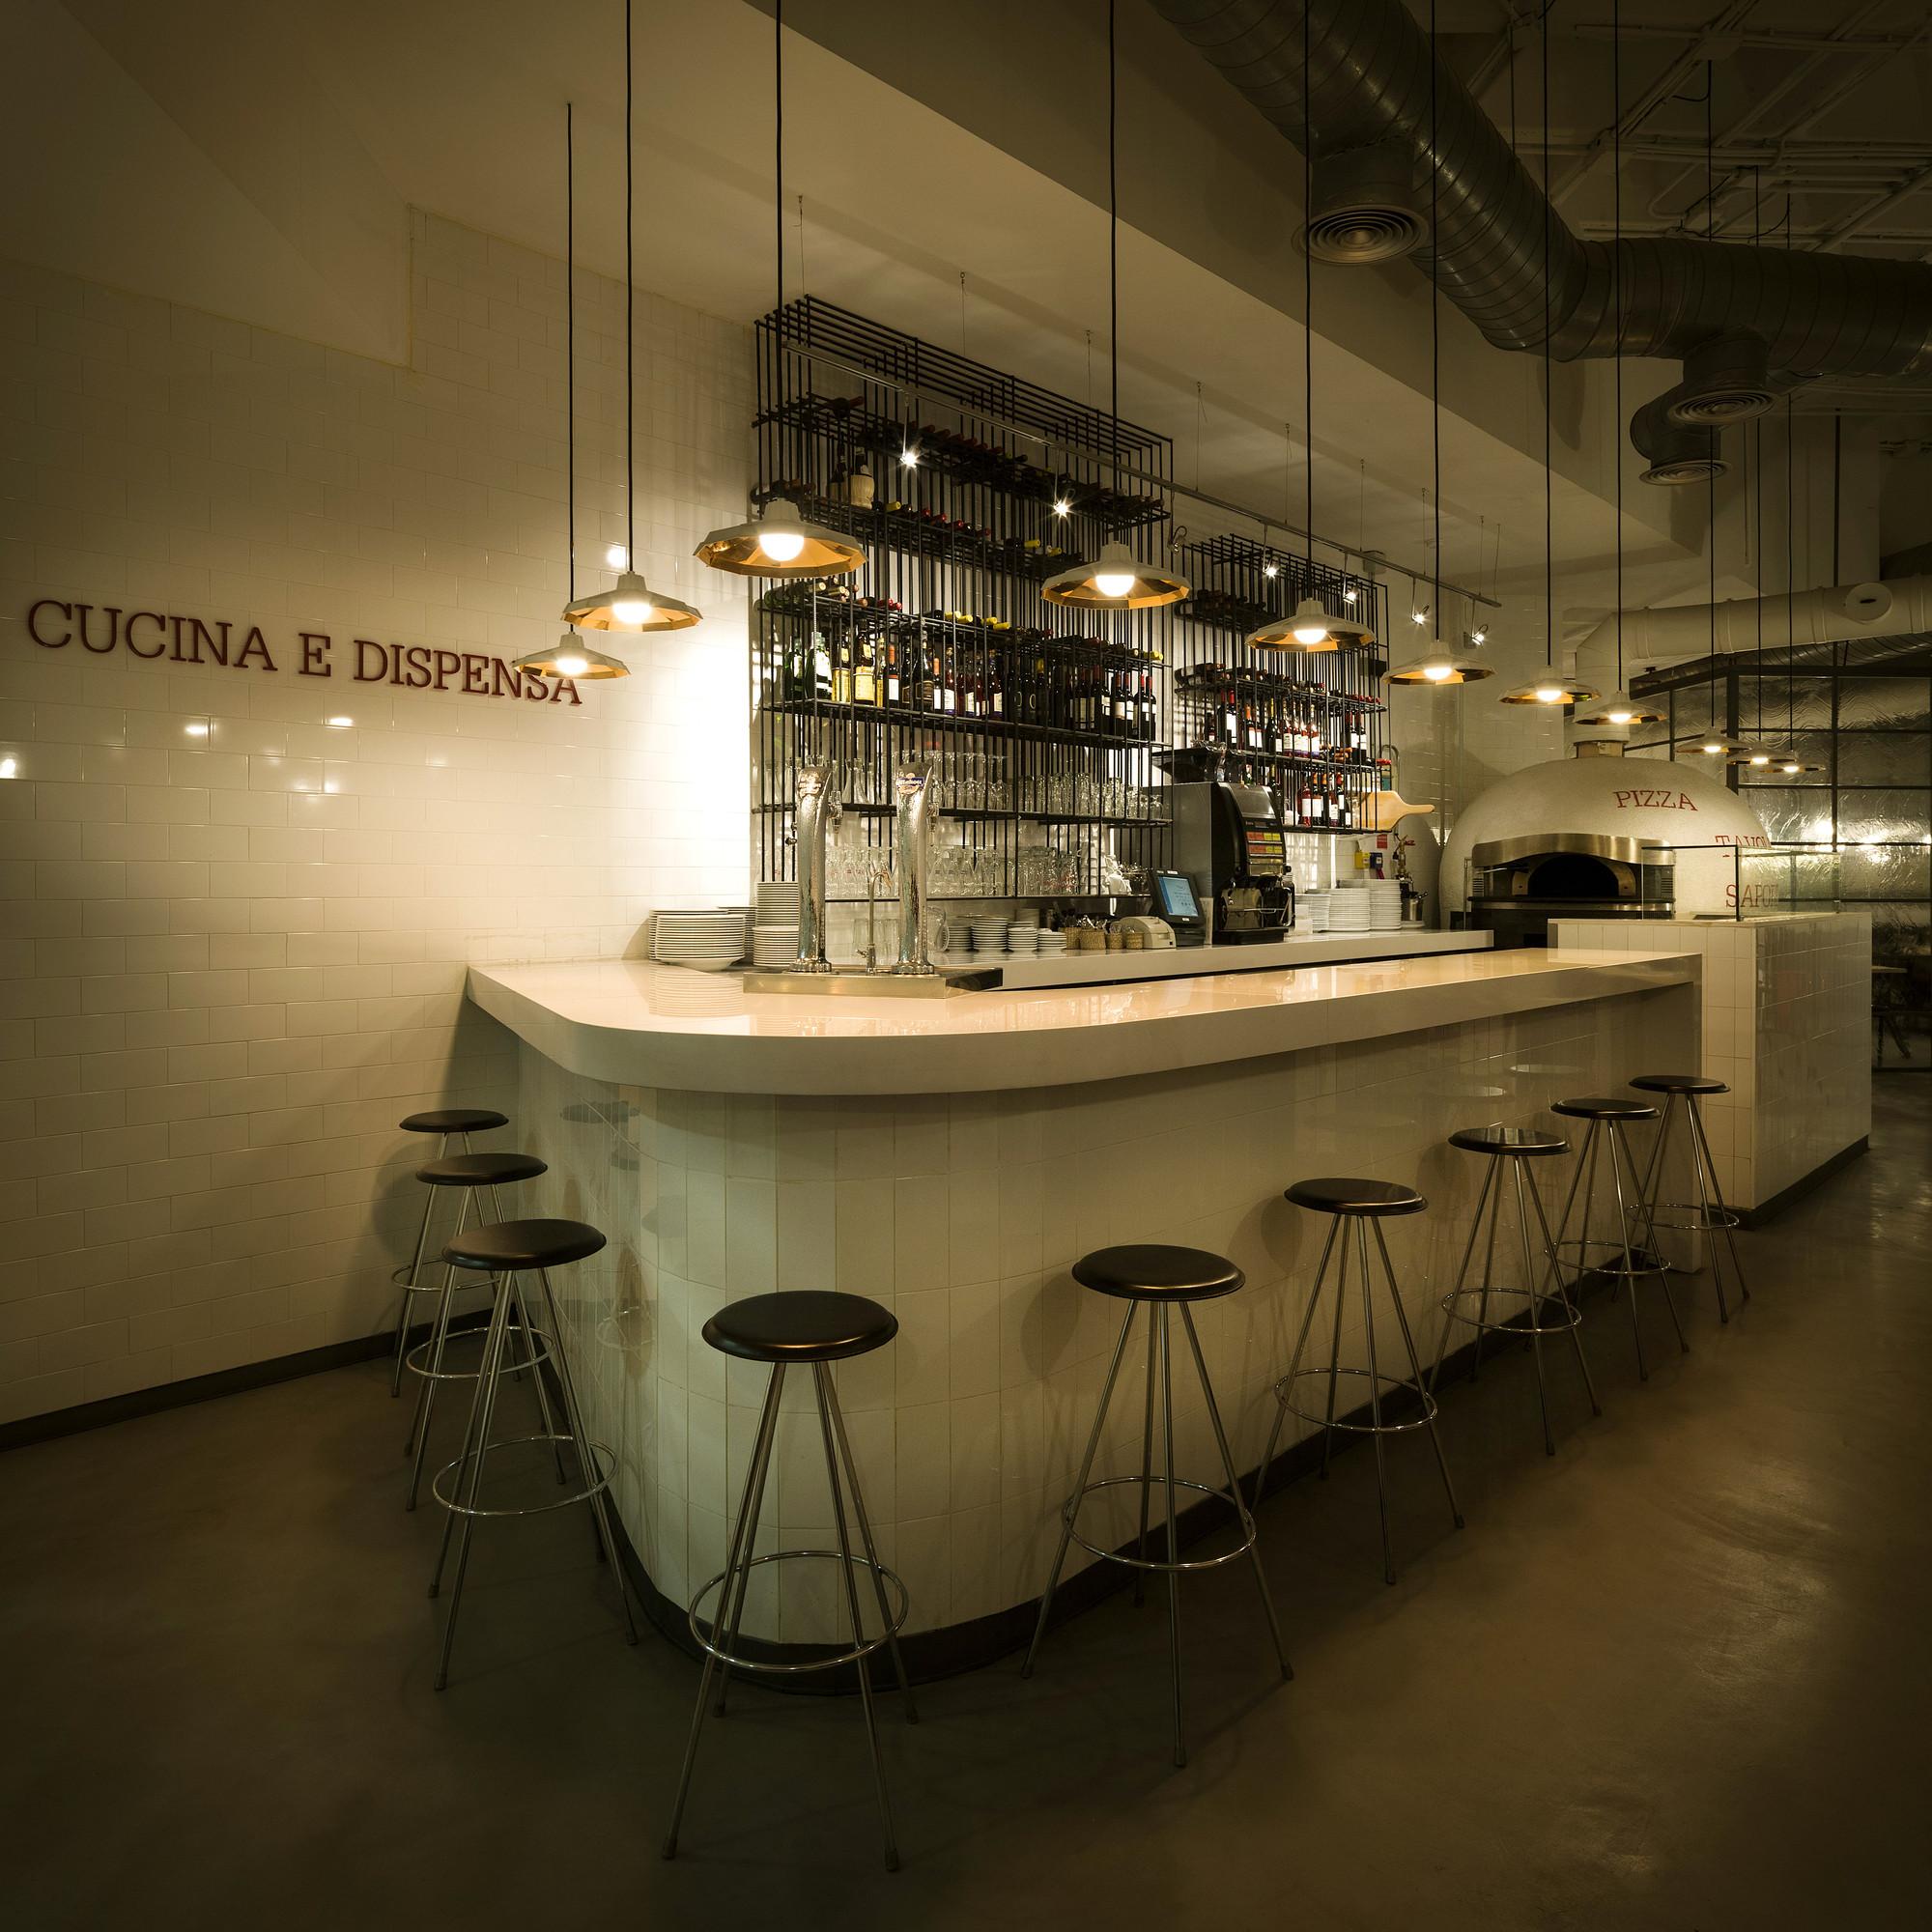 Galer a de restaurant ginos ilmiodesign 3 - Iluminacion de bares ...